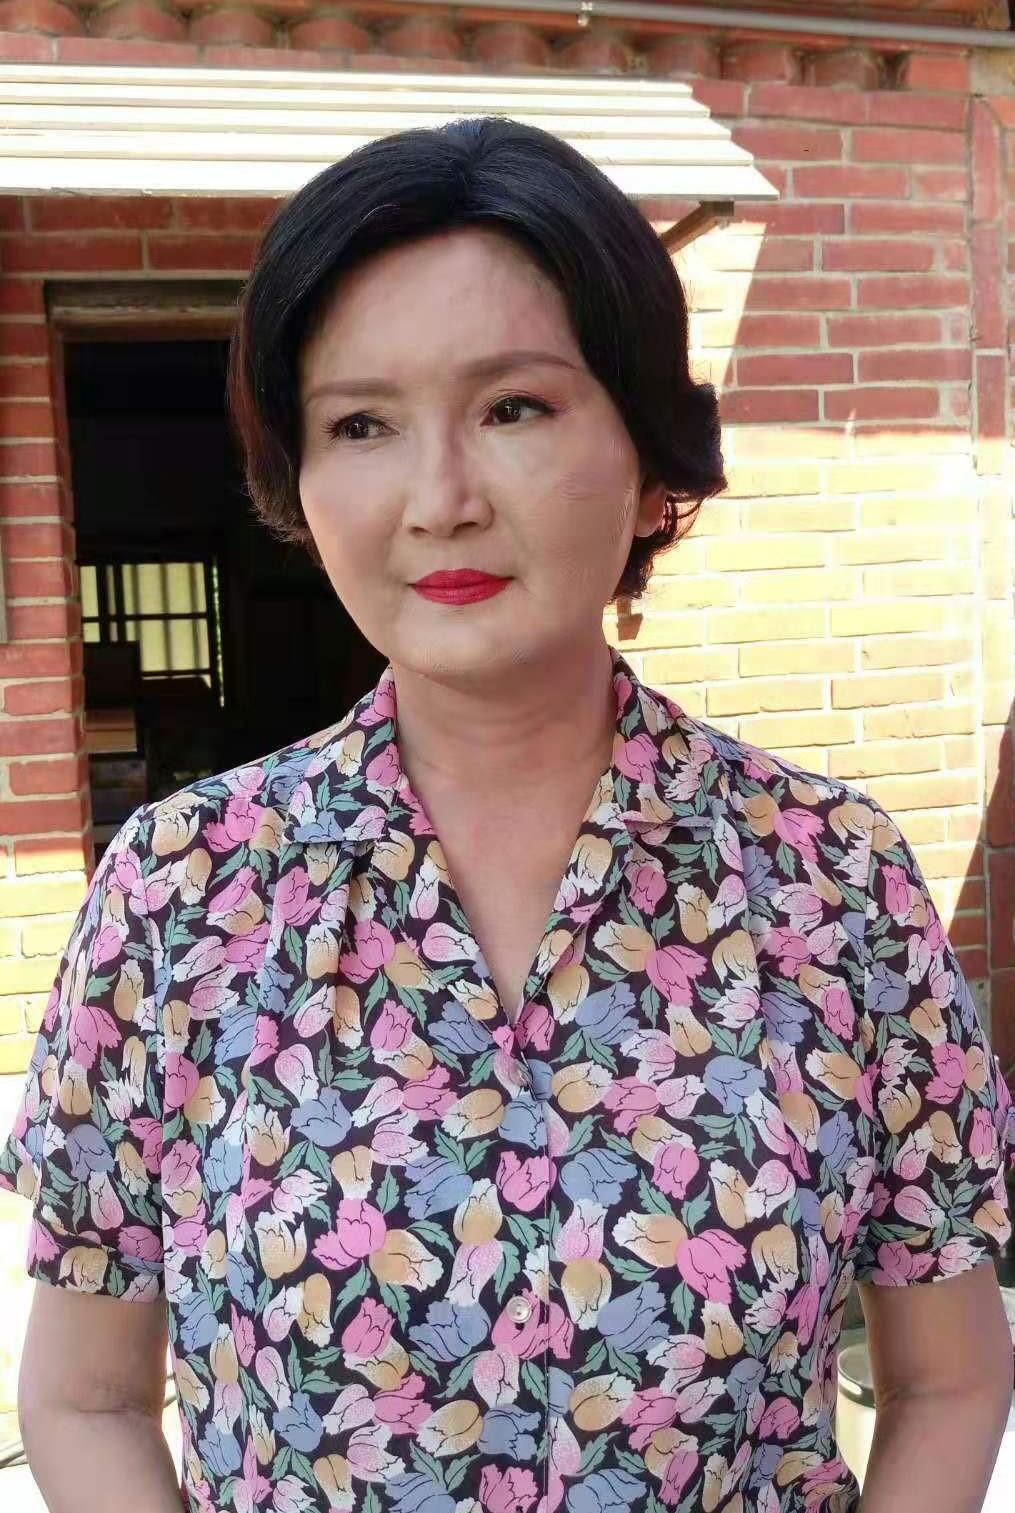 馬惠珍臉部摔傷,隔天蓋上厚厚粉底帶傷繼續拍攝。(艾迪昇傳播提供)